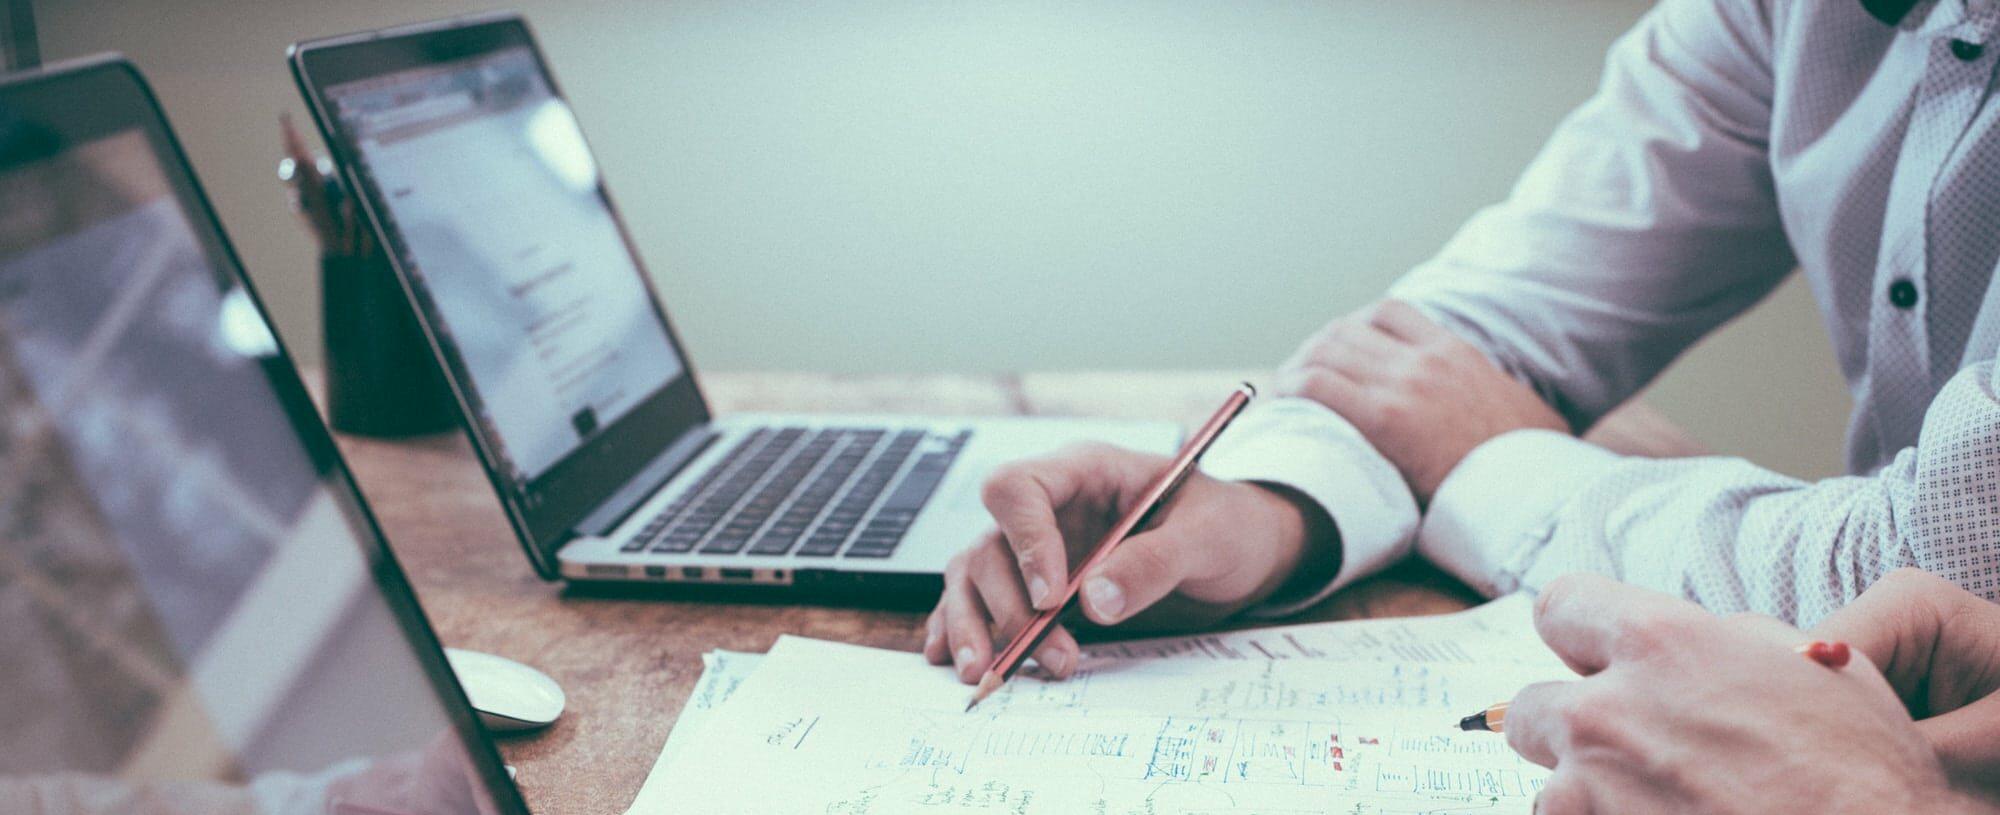 4 Dinge, die Sie bei der Erstellung eines effektiven Geräte- und Inventar-Management-Systems beachten sollten